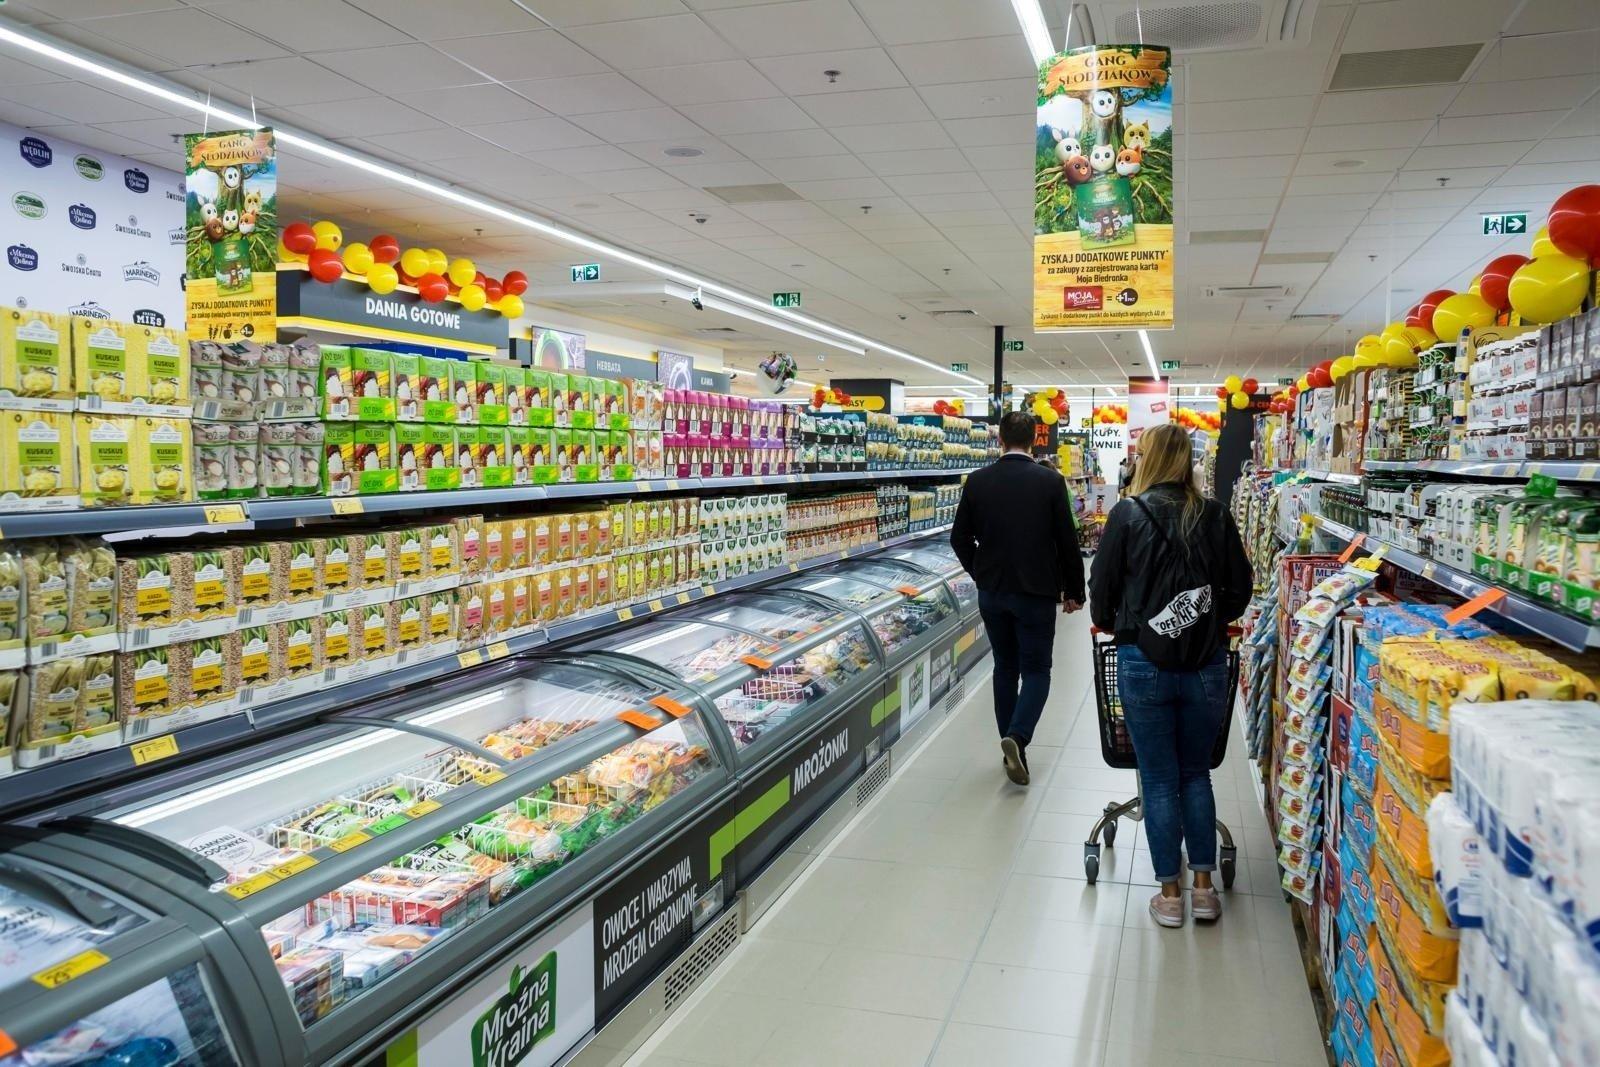 ef3c8e4f3 Ograniczenie handlu w niedziele nie zaszkodziło sieciom sklepów. Promocje  przyciągnęły klientów w inne dni tygodnia